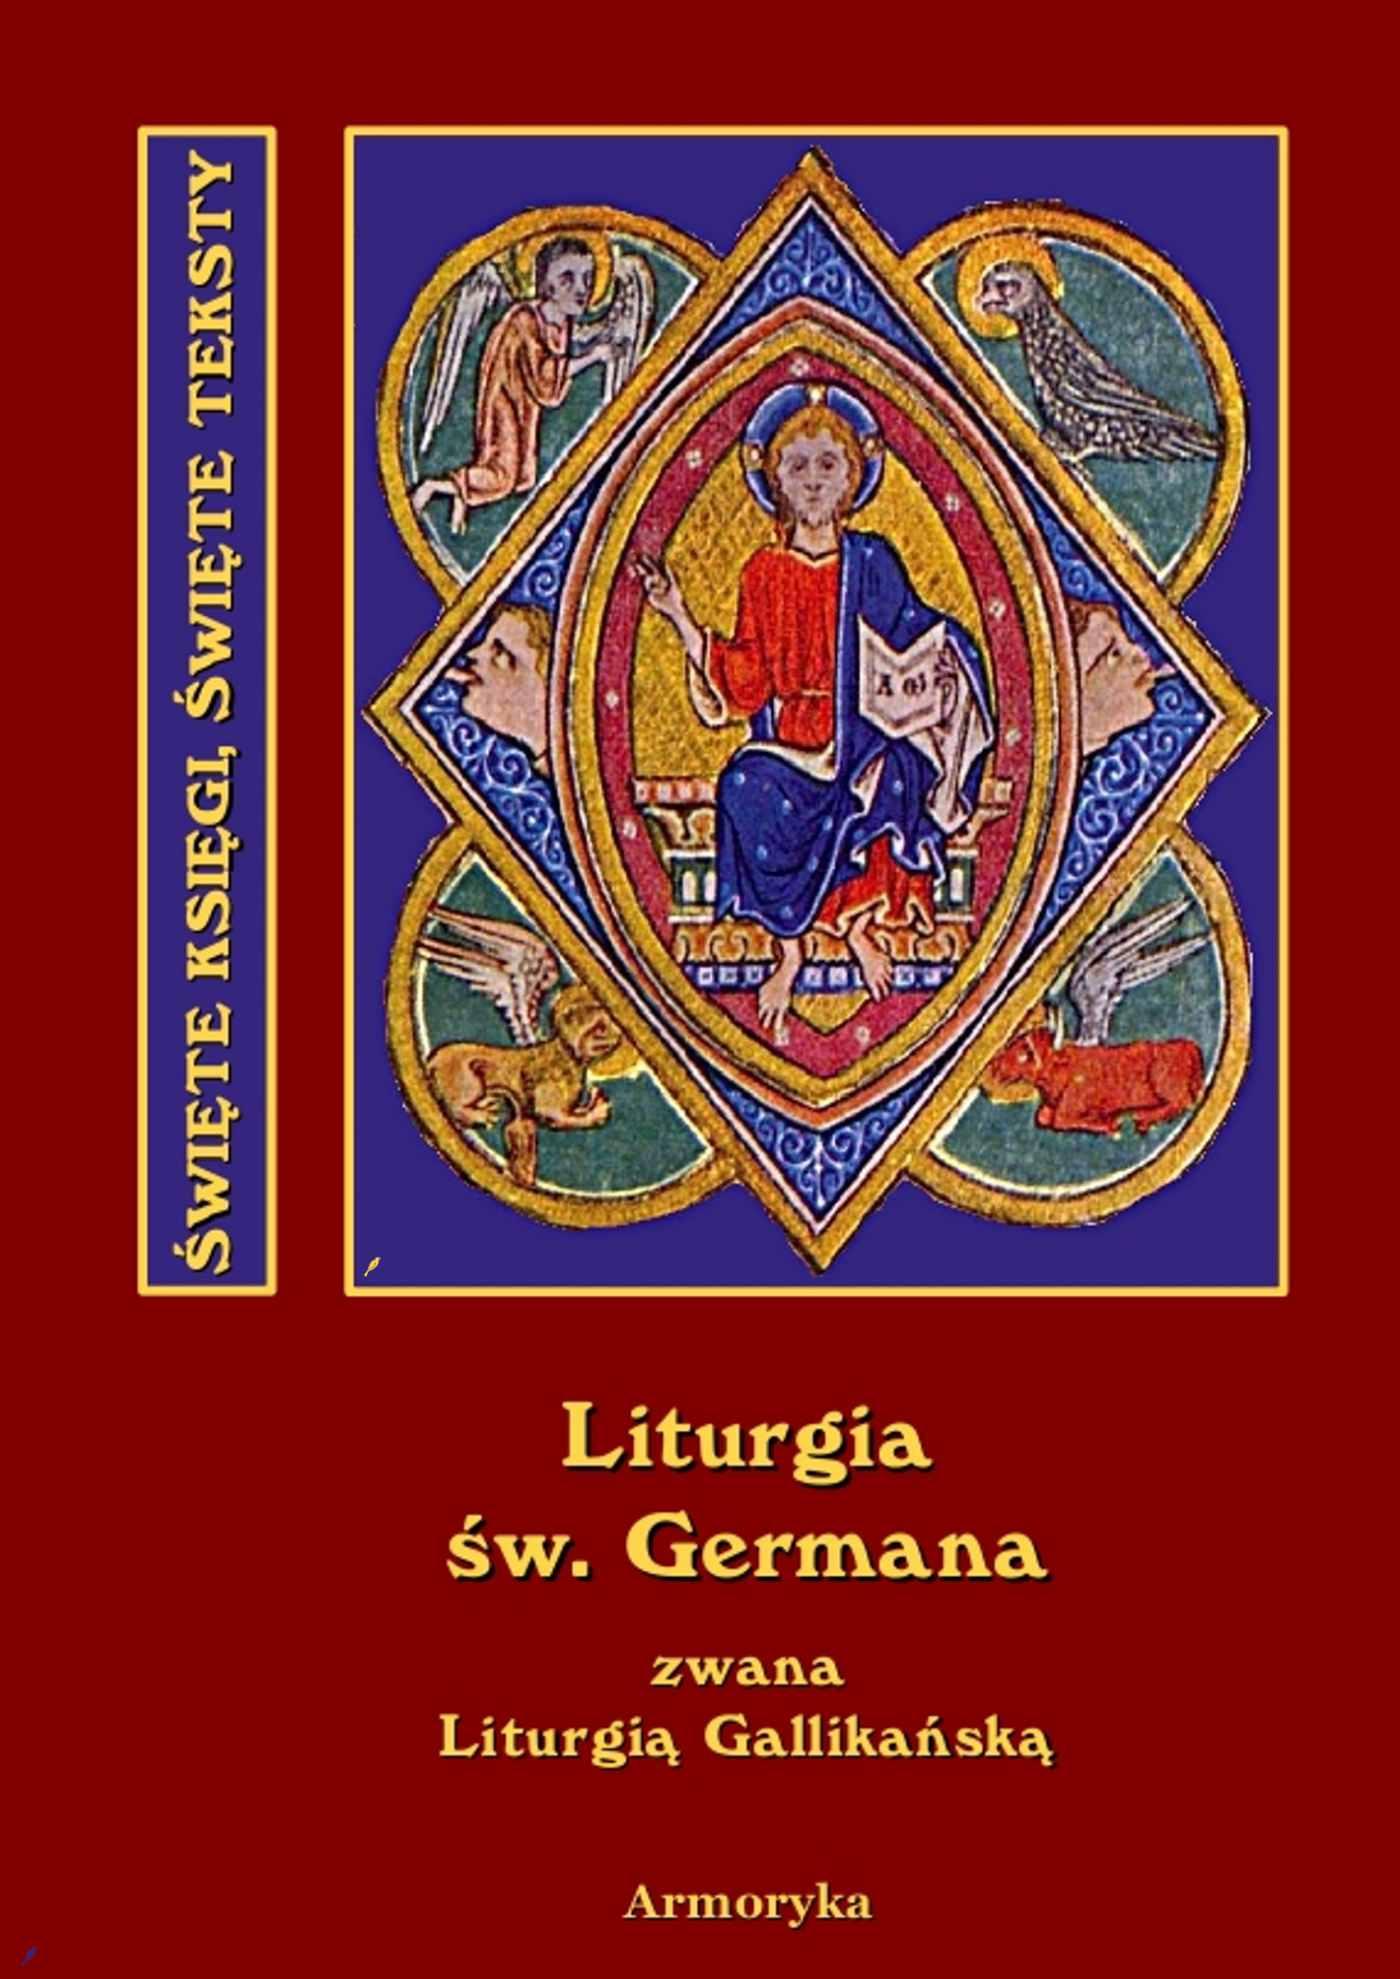 Święta i Boska Liturgia Błogosławionego Ojca naszego Germana, biskupa paryskiego, zwana też gallikańską liturgią świętą - Ebook (Książka EPUB) do pobrania w formacie EPUB